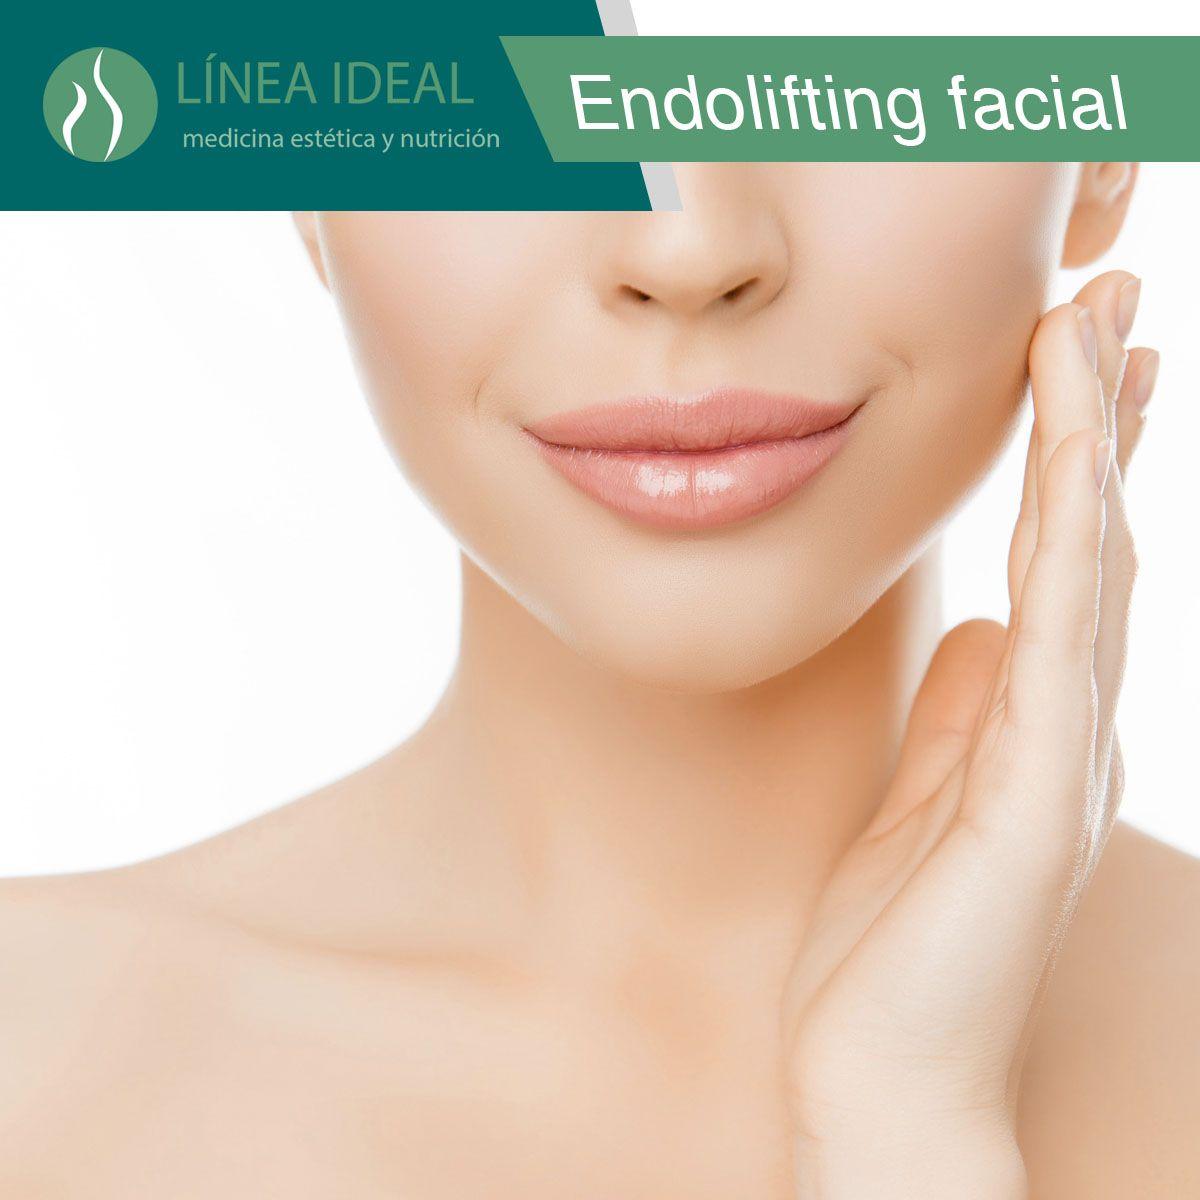 endolifting facial